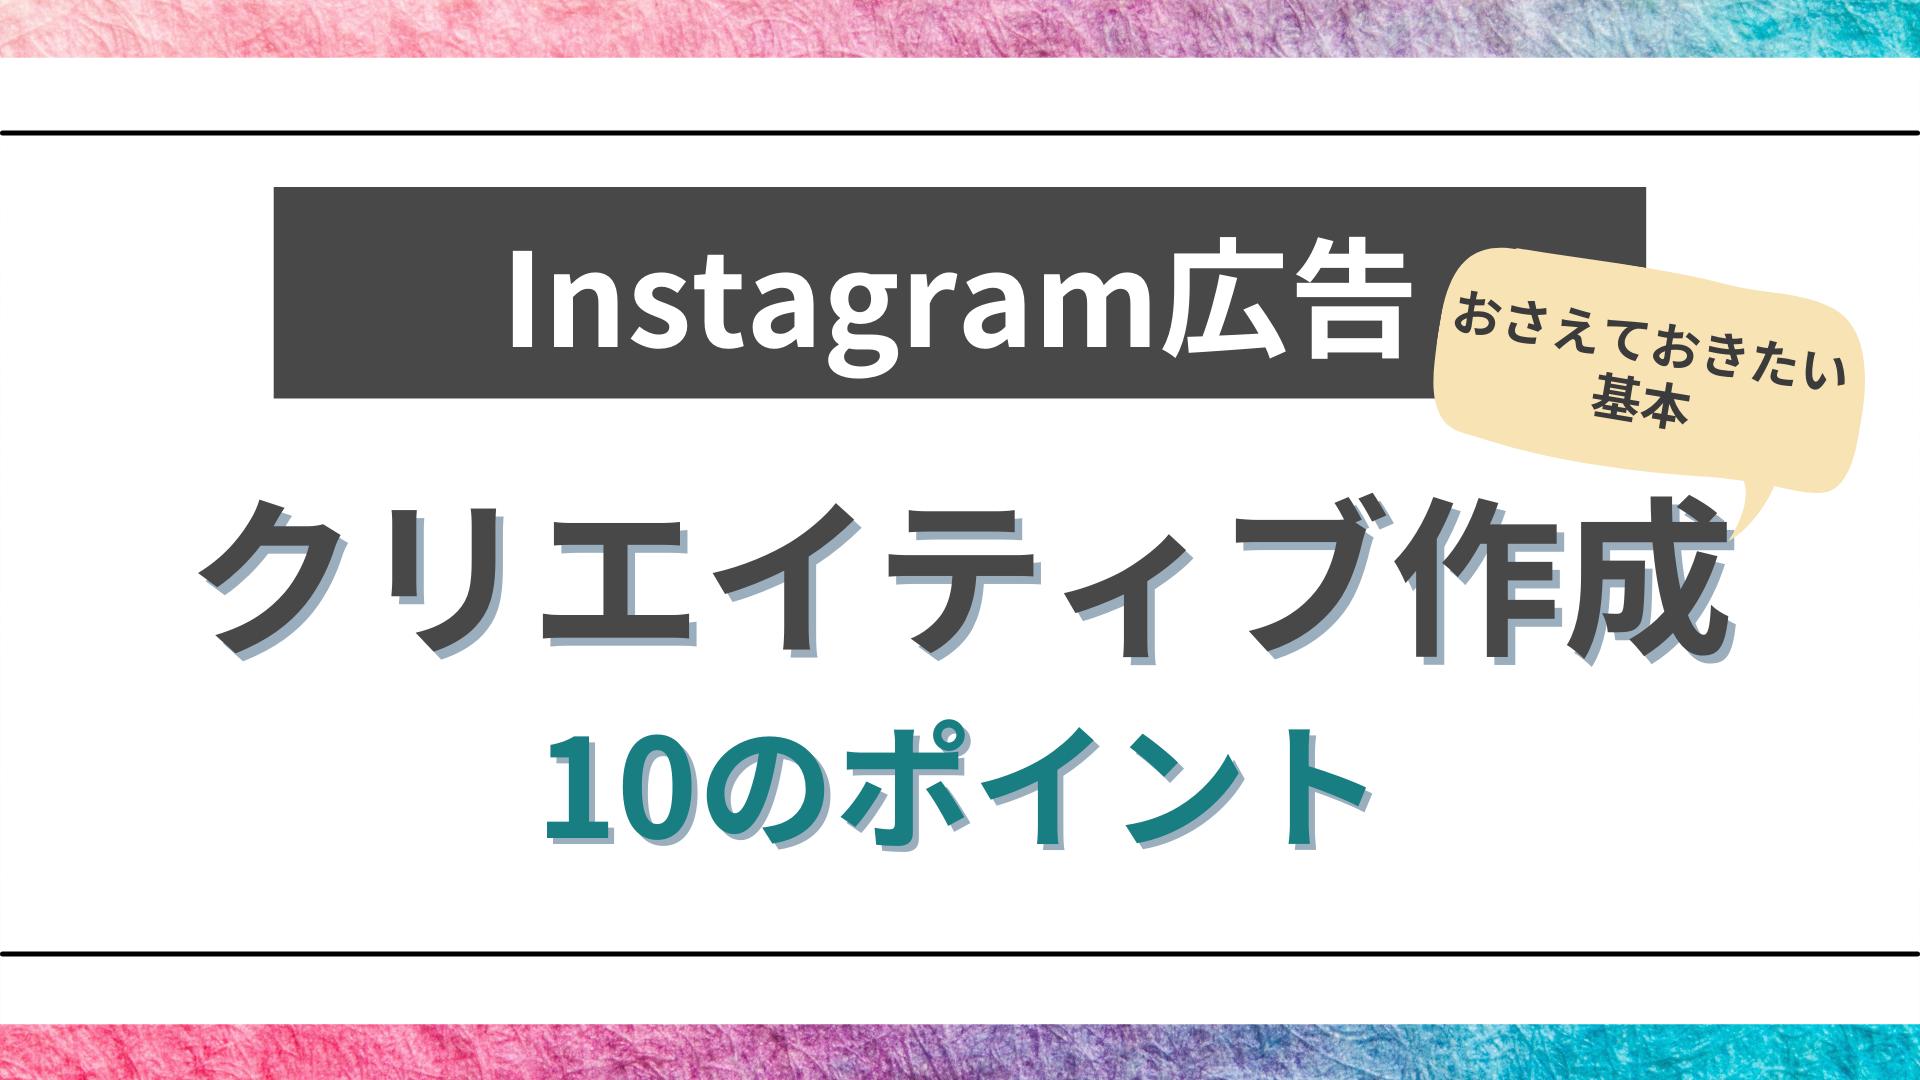 Instagram広告クリエイティブ作成でおさえたい10のポイント